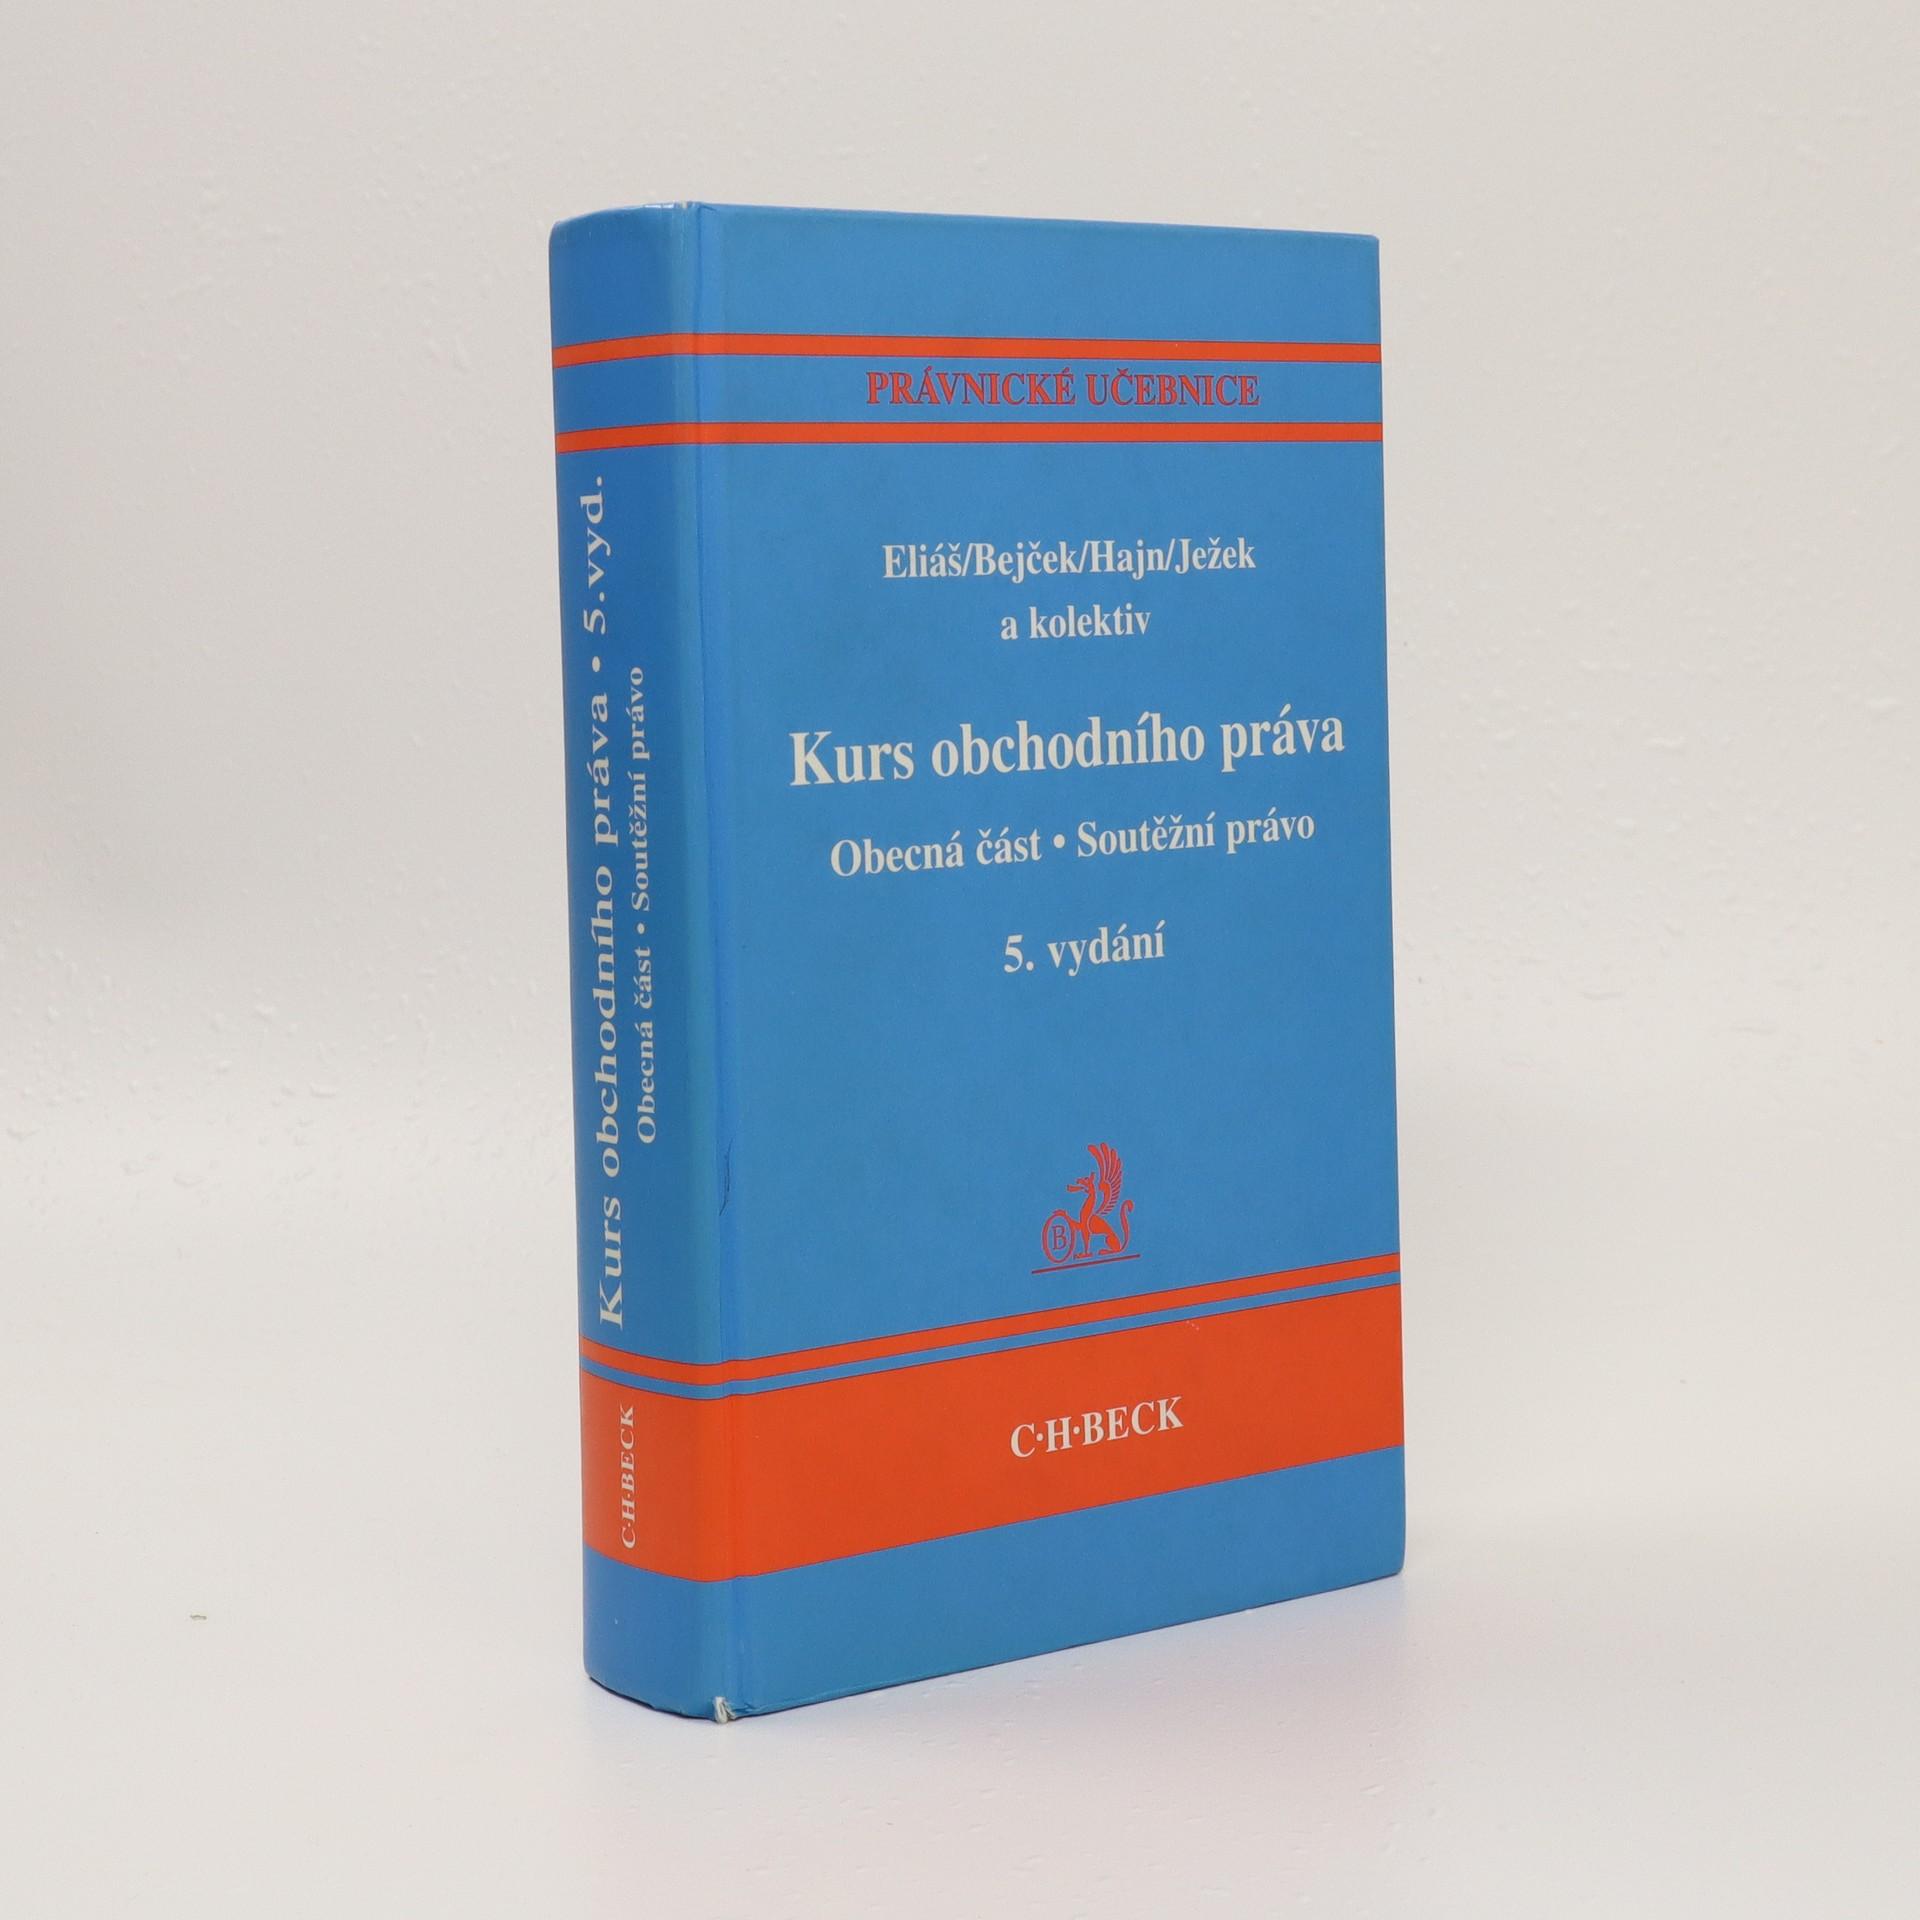 antikvární kniha Kurs obchodního práva. Obecná část, Soutěžní právo, 2007